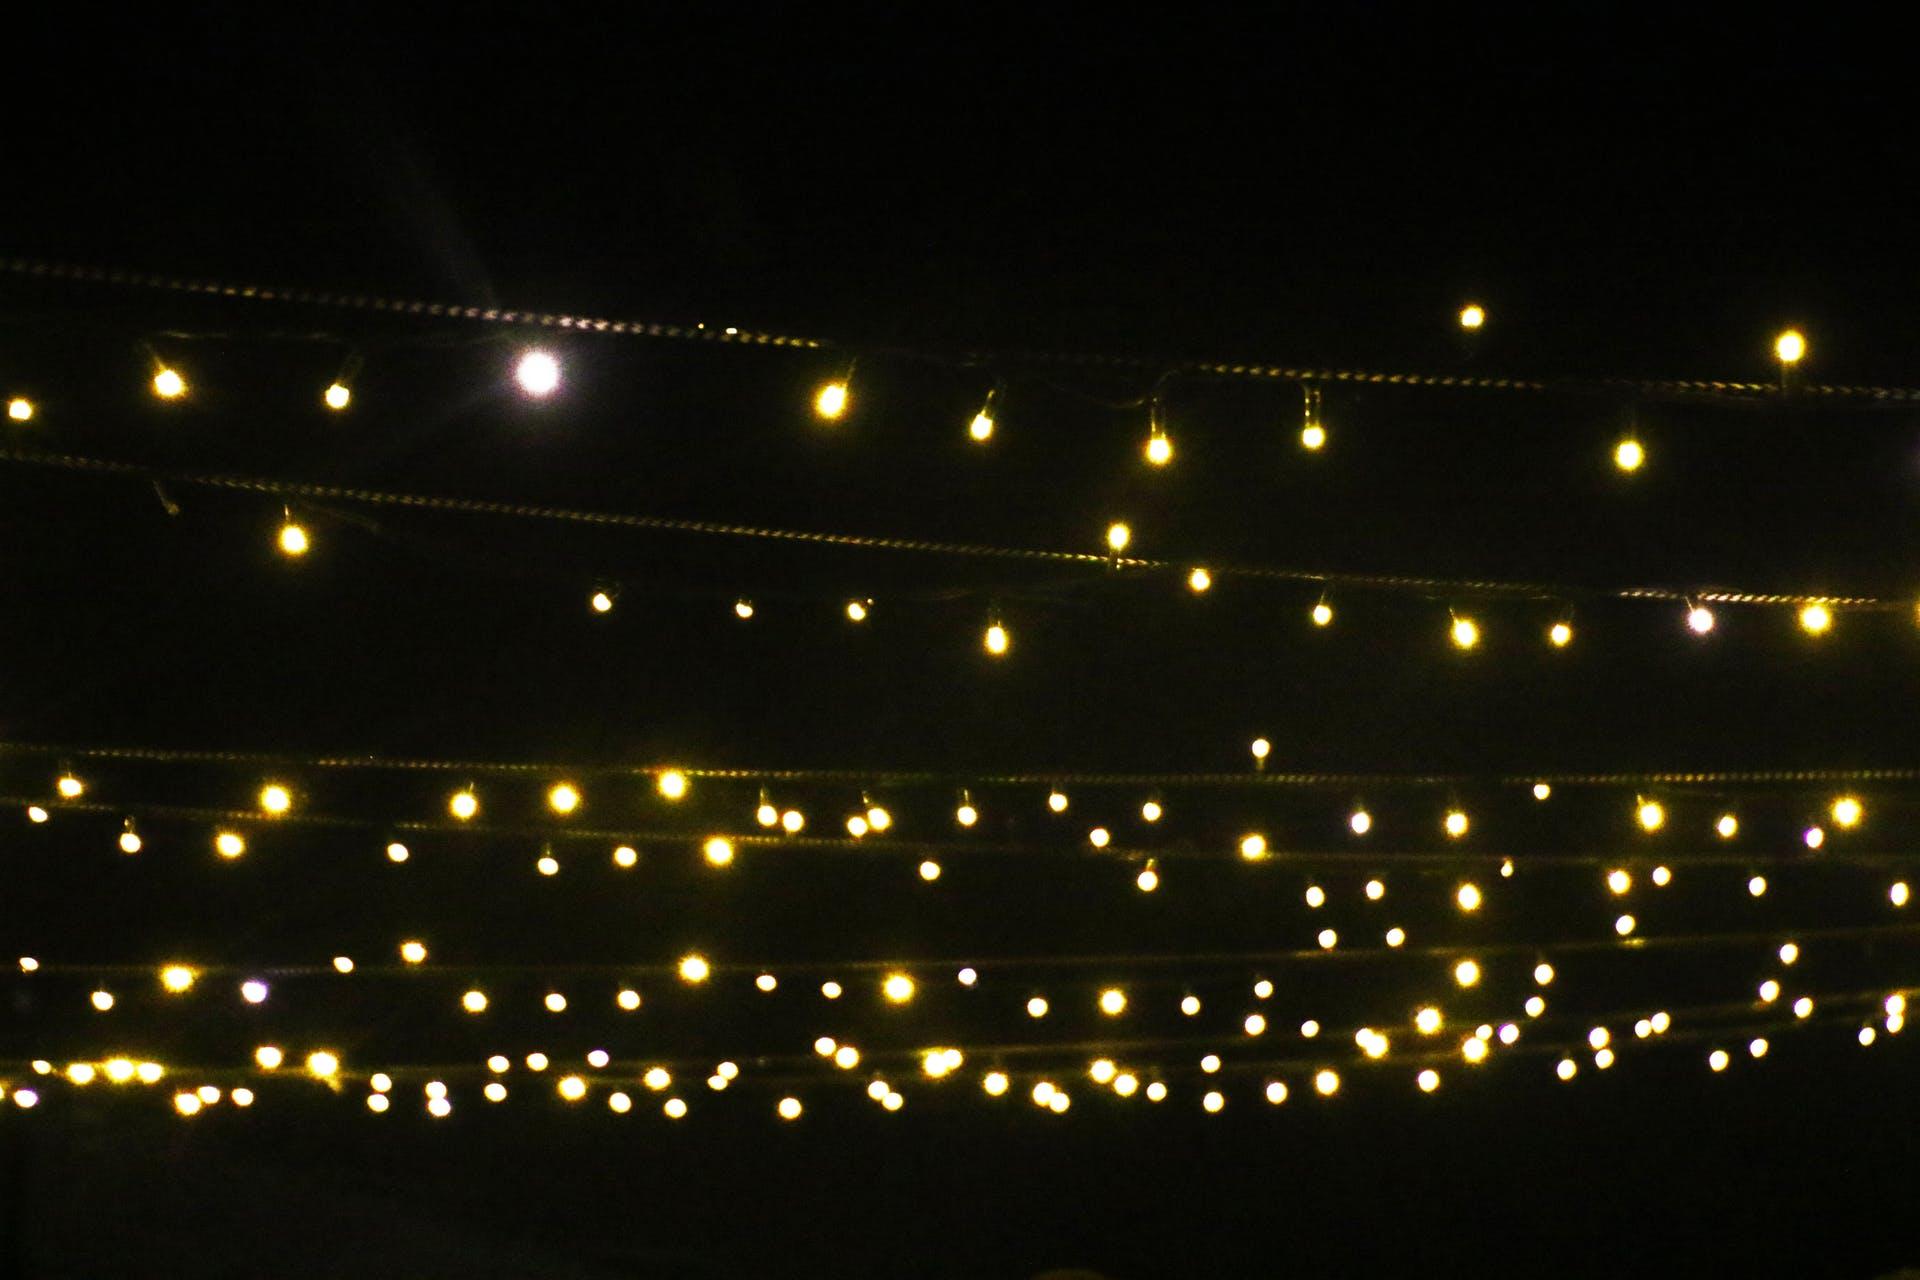 backgrounds minimalism evening wedding lights shiny